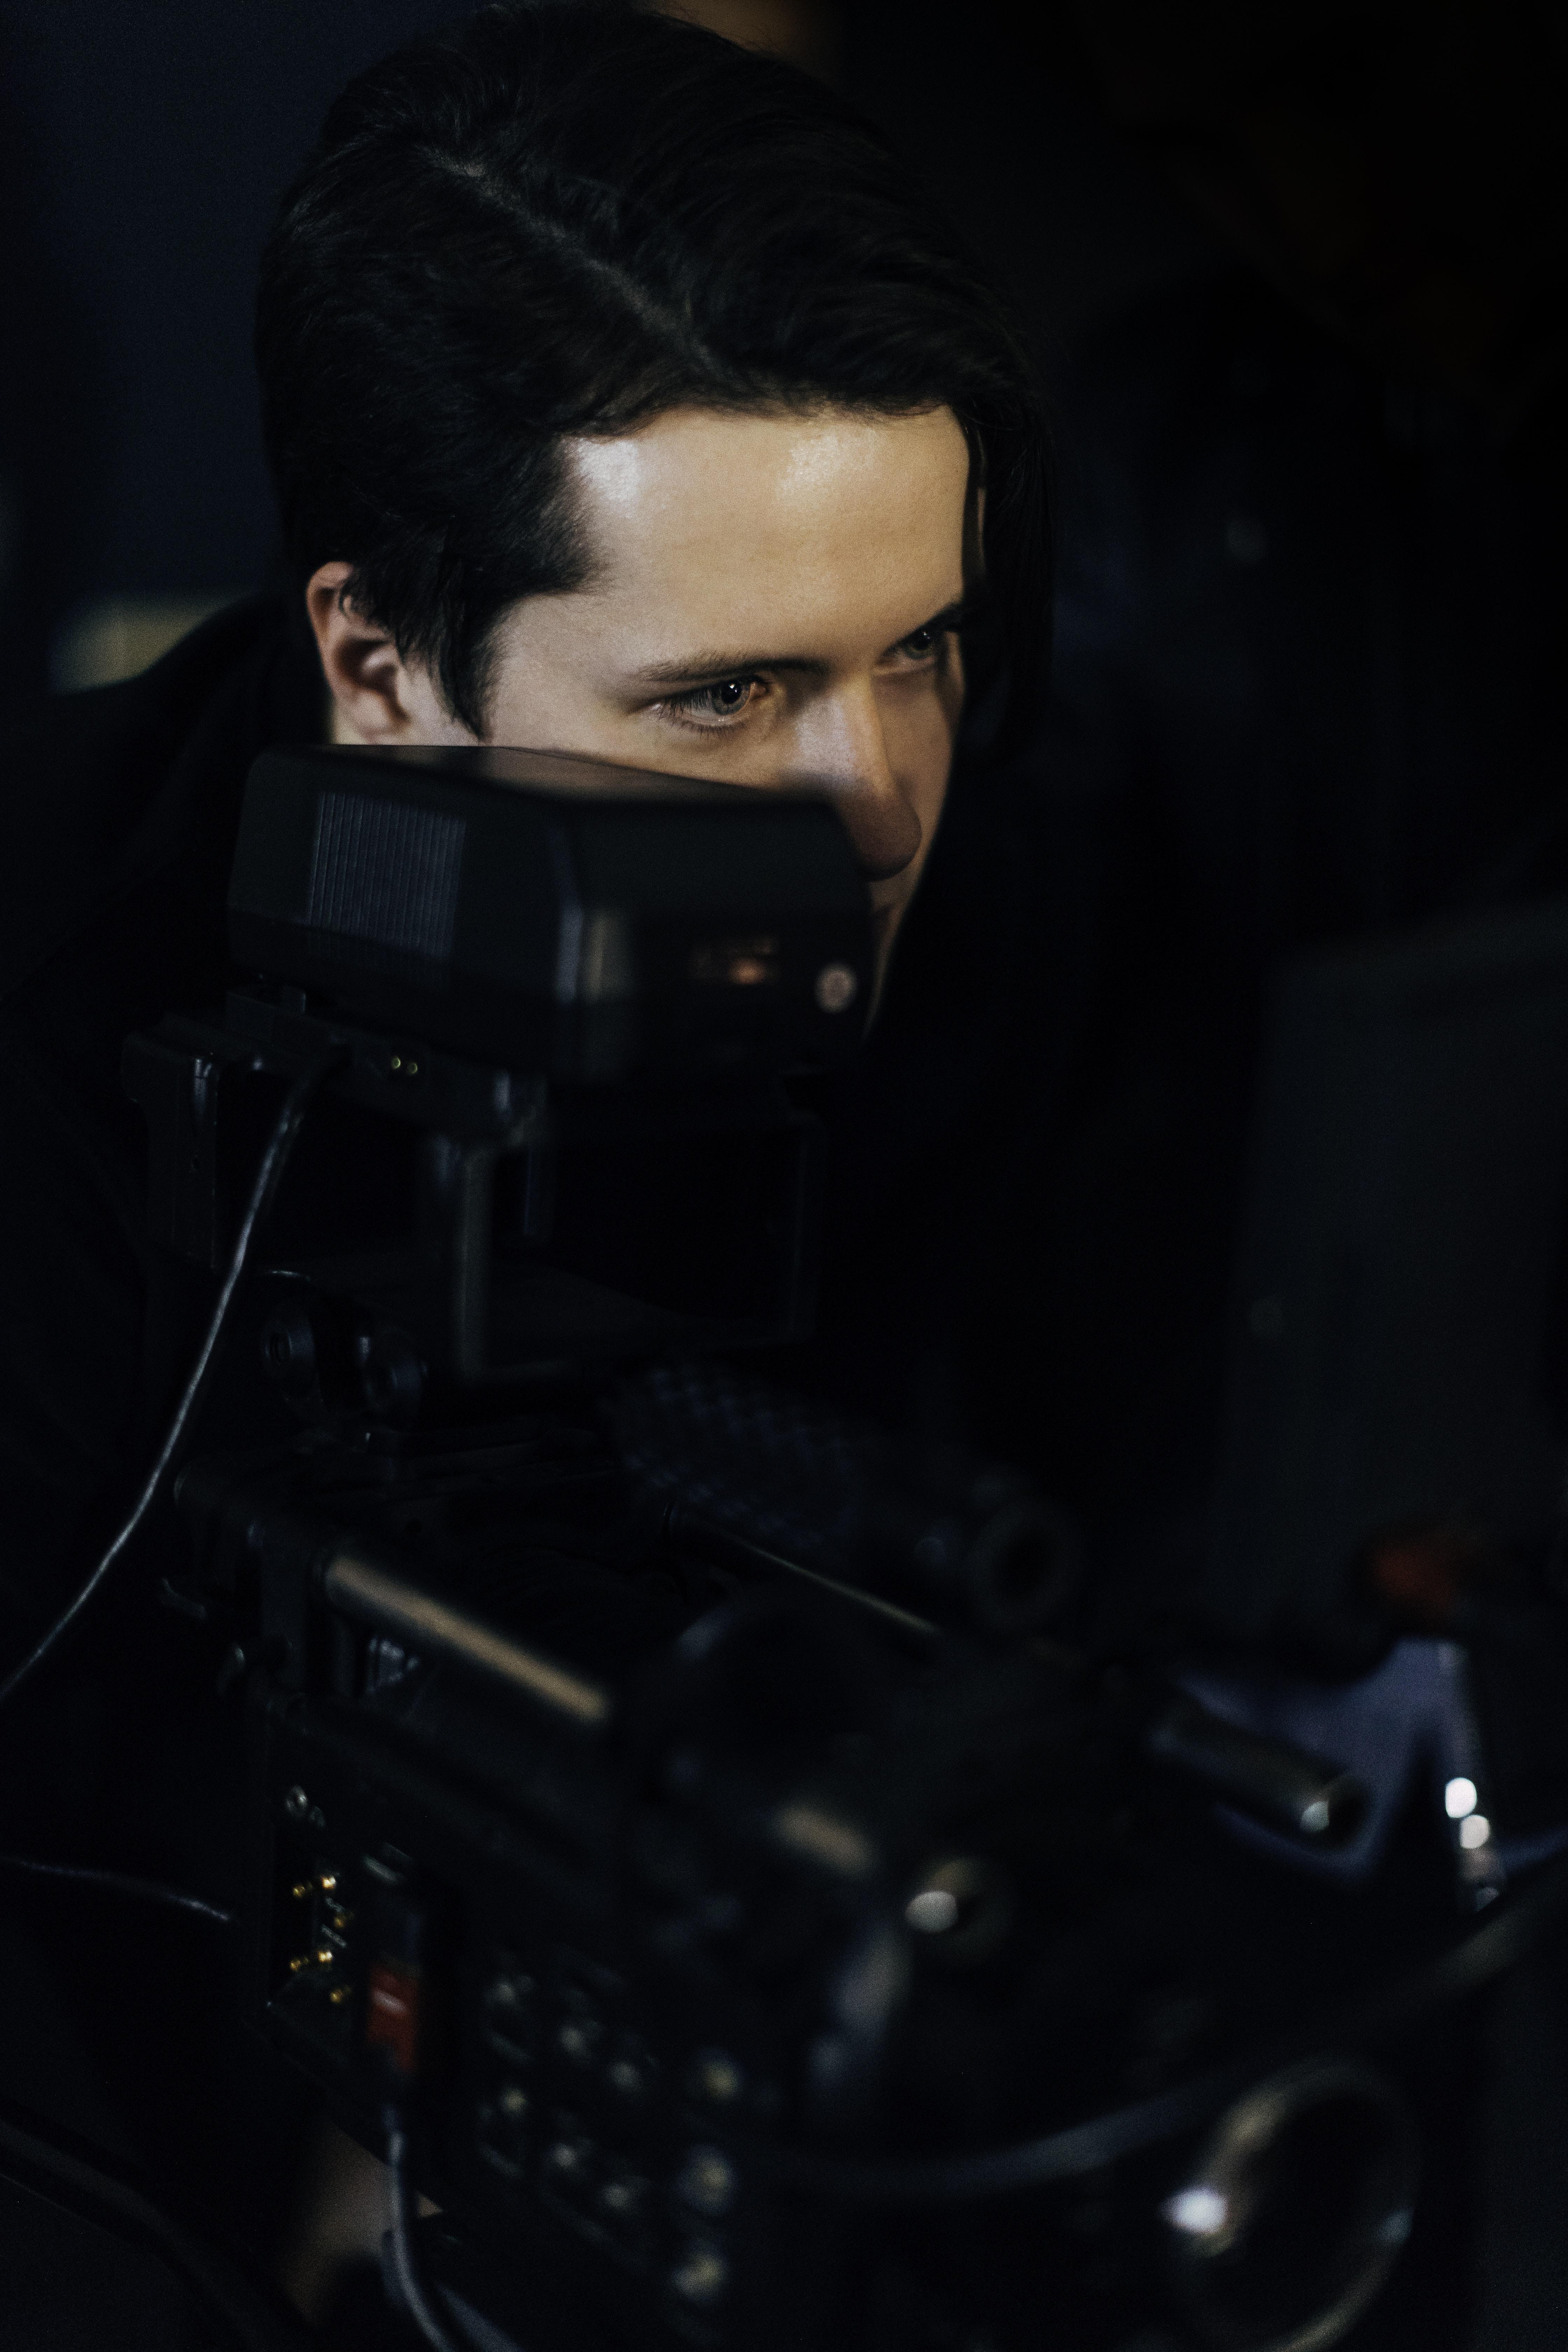 man looking at the monitor